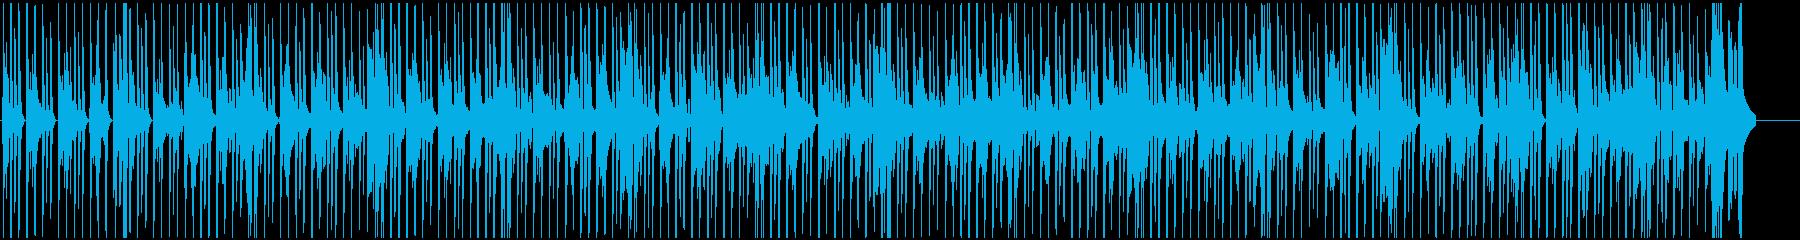 ファンキーでノリノリなBGMの再生済みの波形